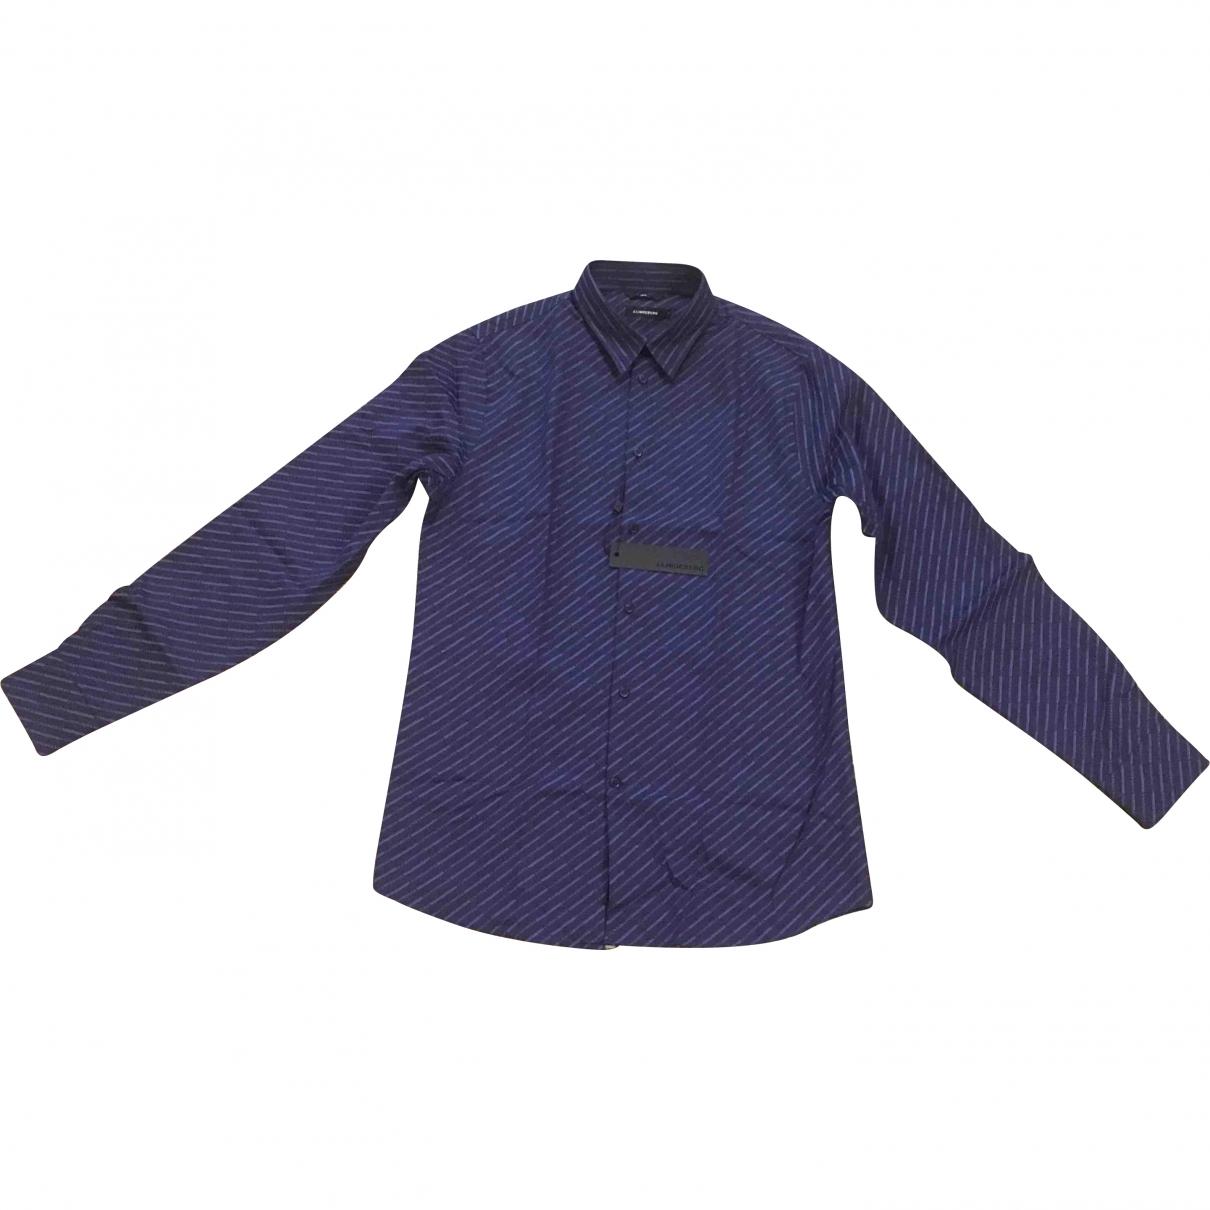 J.lindeberg - Chemises   pour homme en coton - marine